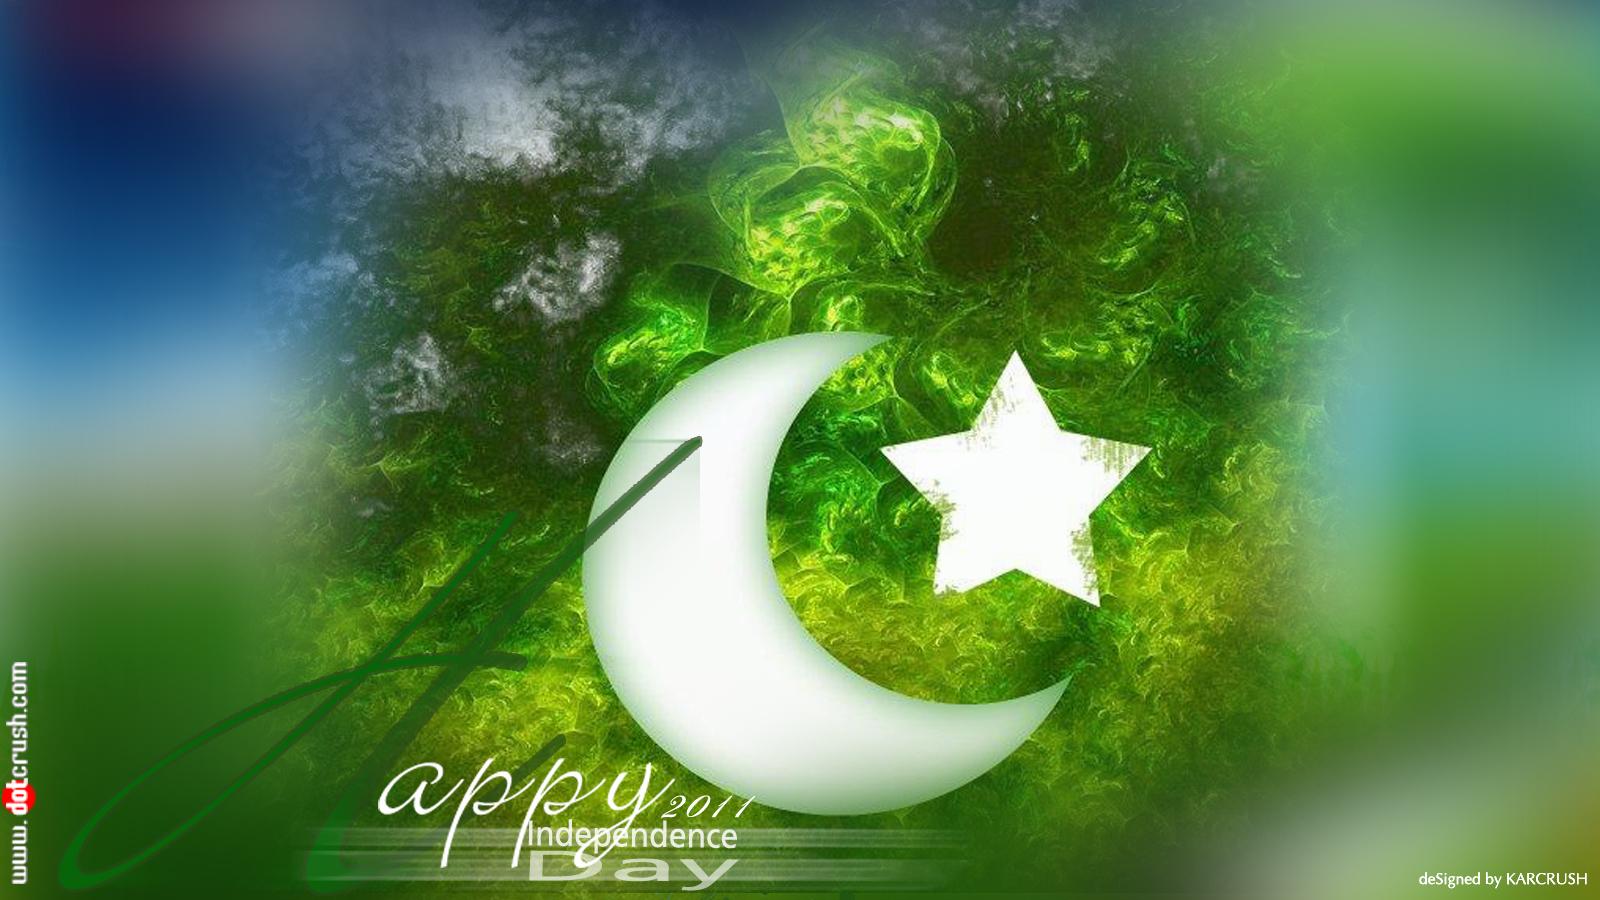 http://4.bp.blogspot.com/-guoISnjnW4o/TkTfDg8W0BI/AAAAAAAAAuI/jdcWuJ_tg7Y/s1600/pakistan-independece-day-14-august-2011-backgrounds-wallpapers-14.jpg